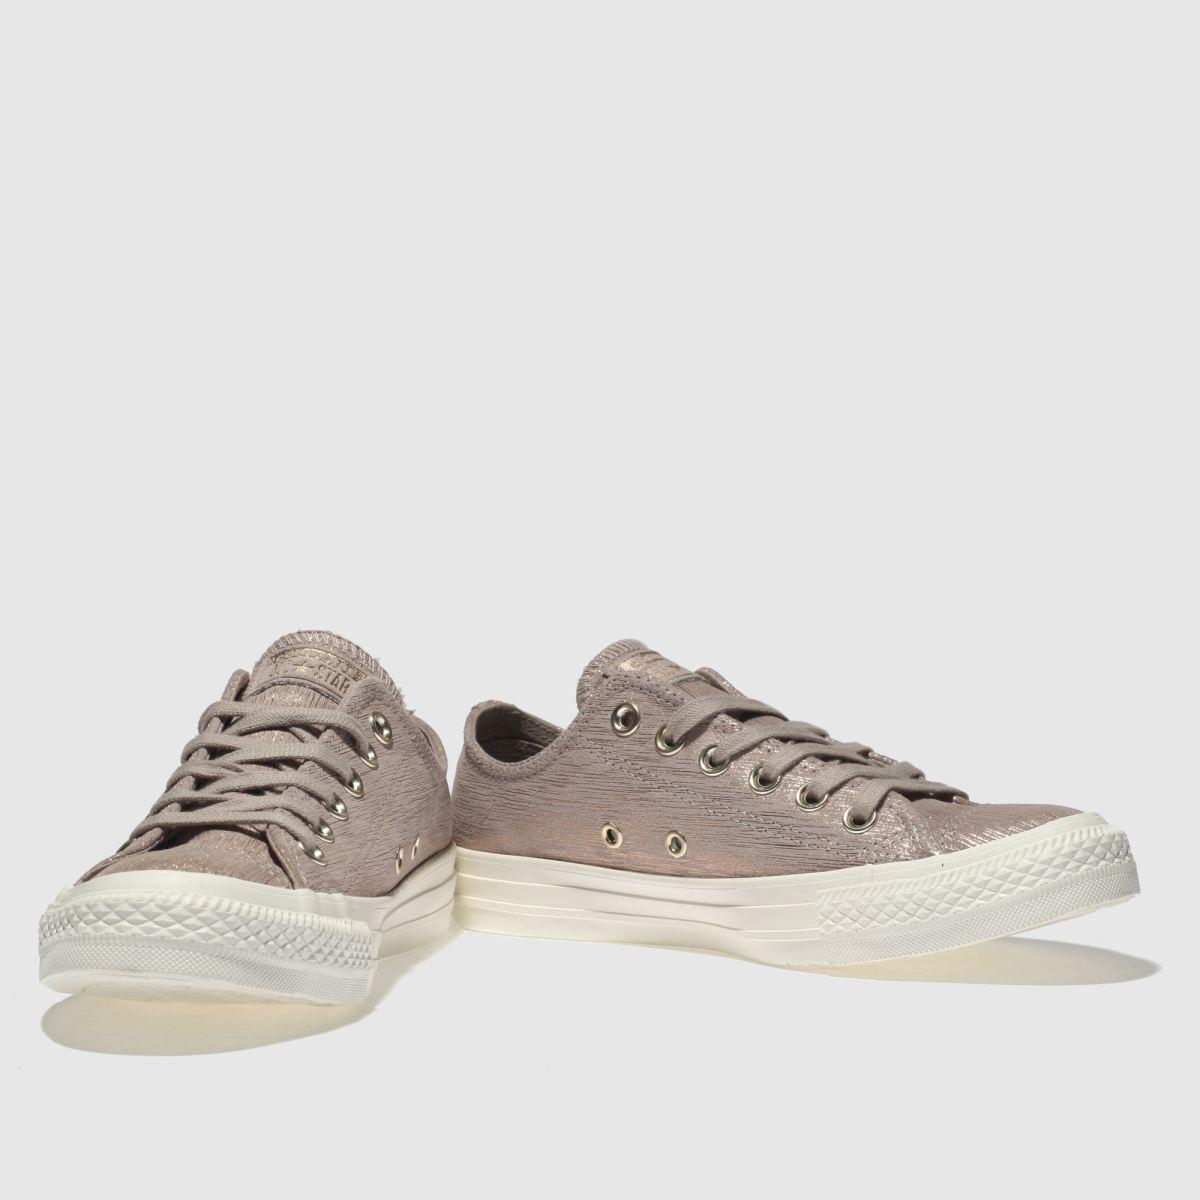 Damen Rosa converse All Star Ox Metallic Sneaker   schuh Gute Qualität beliebte Schuhe